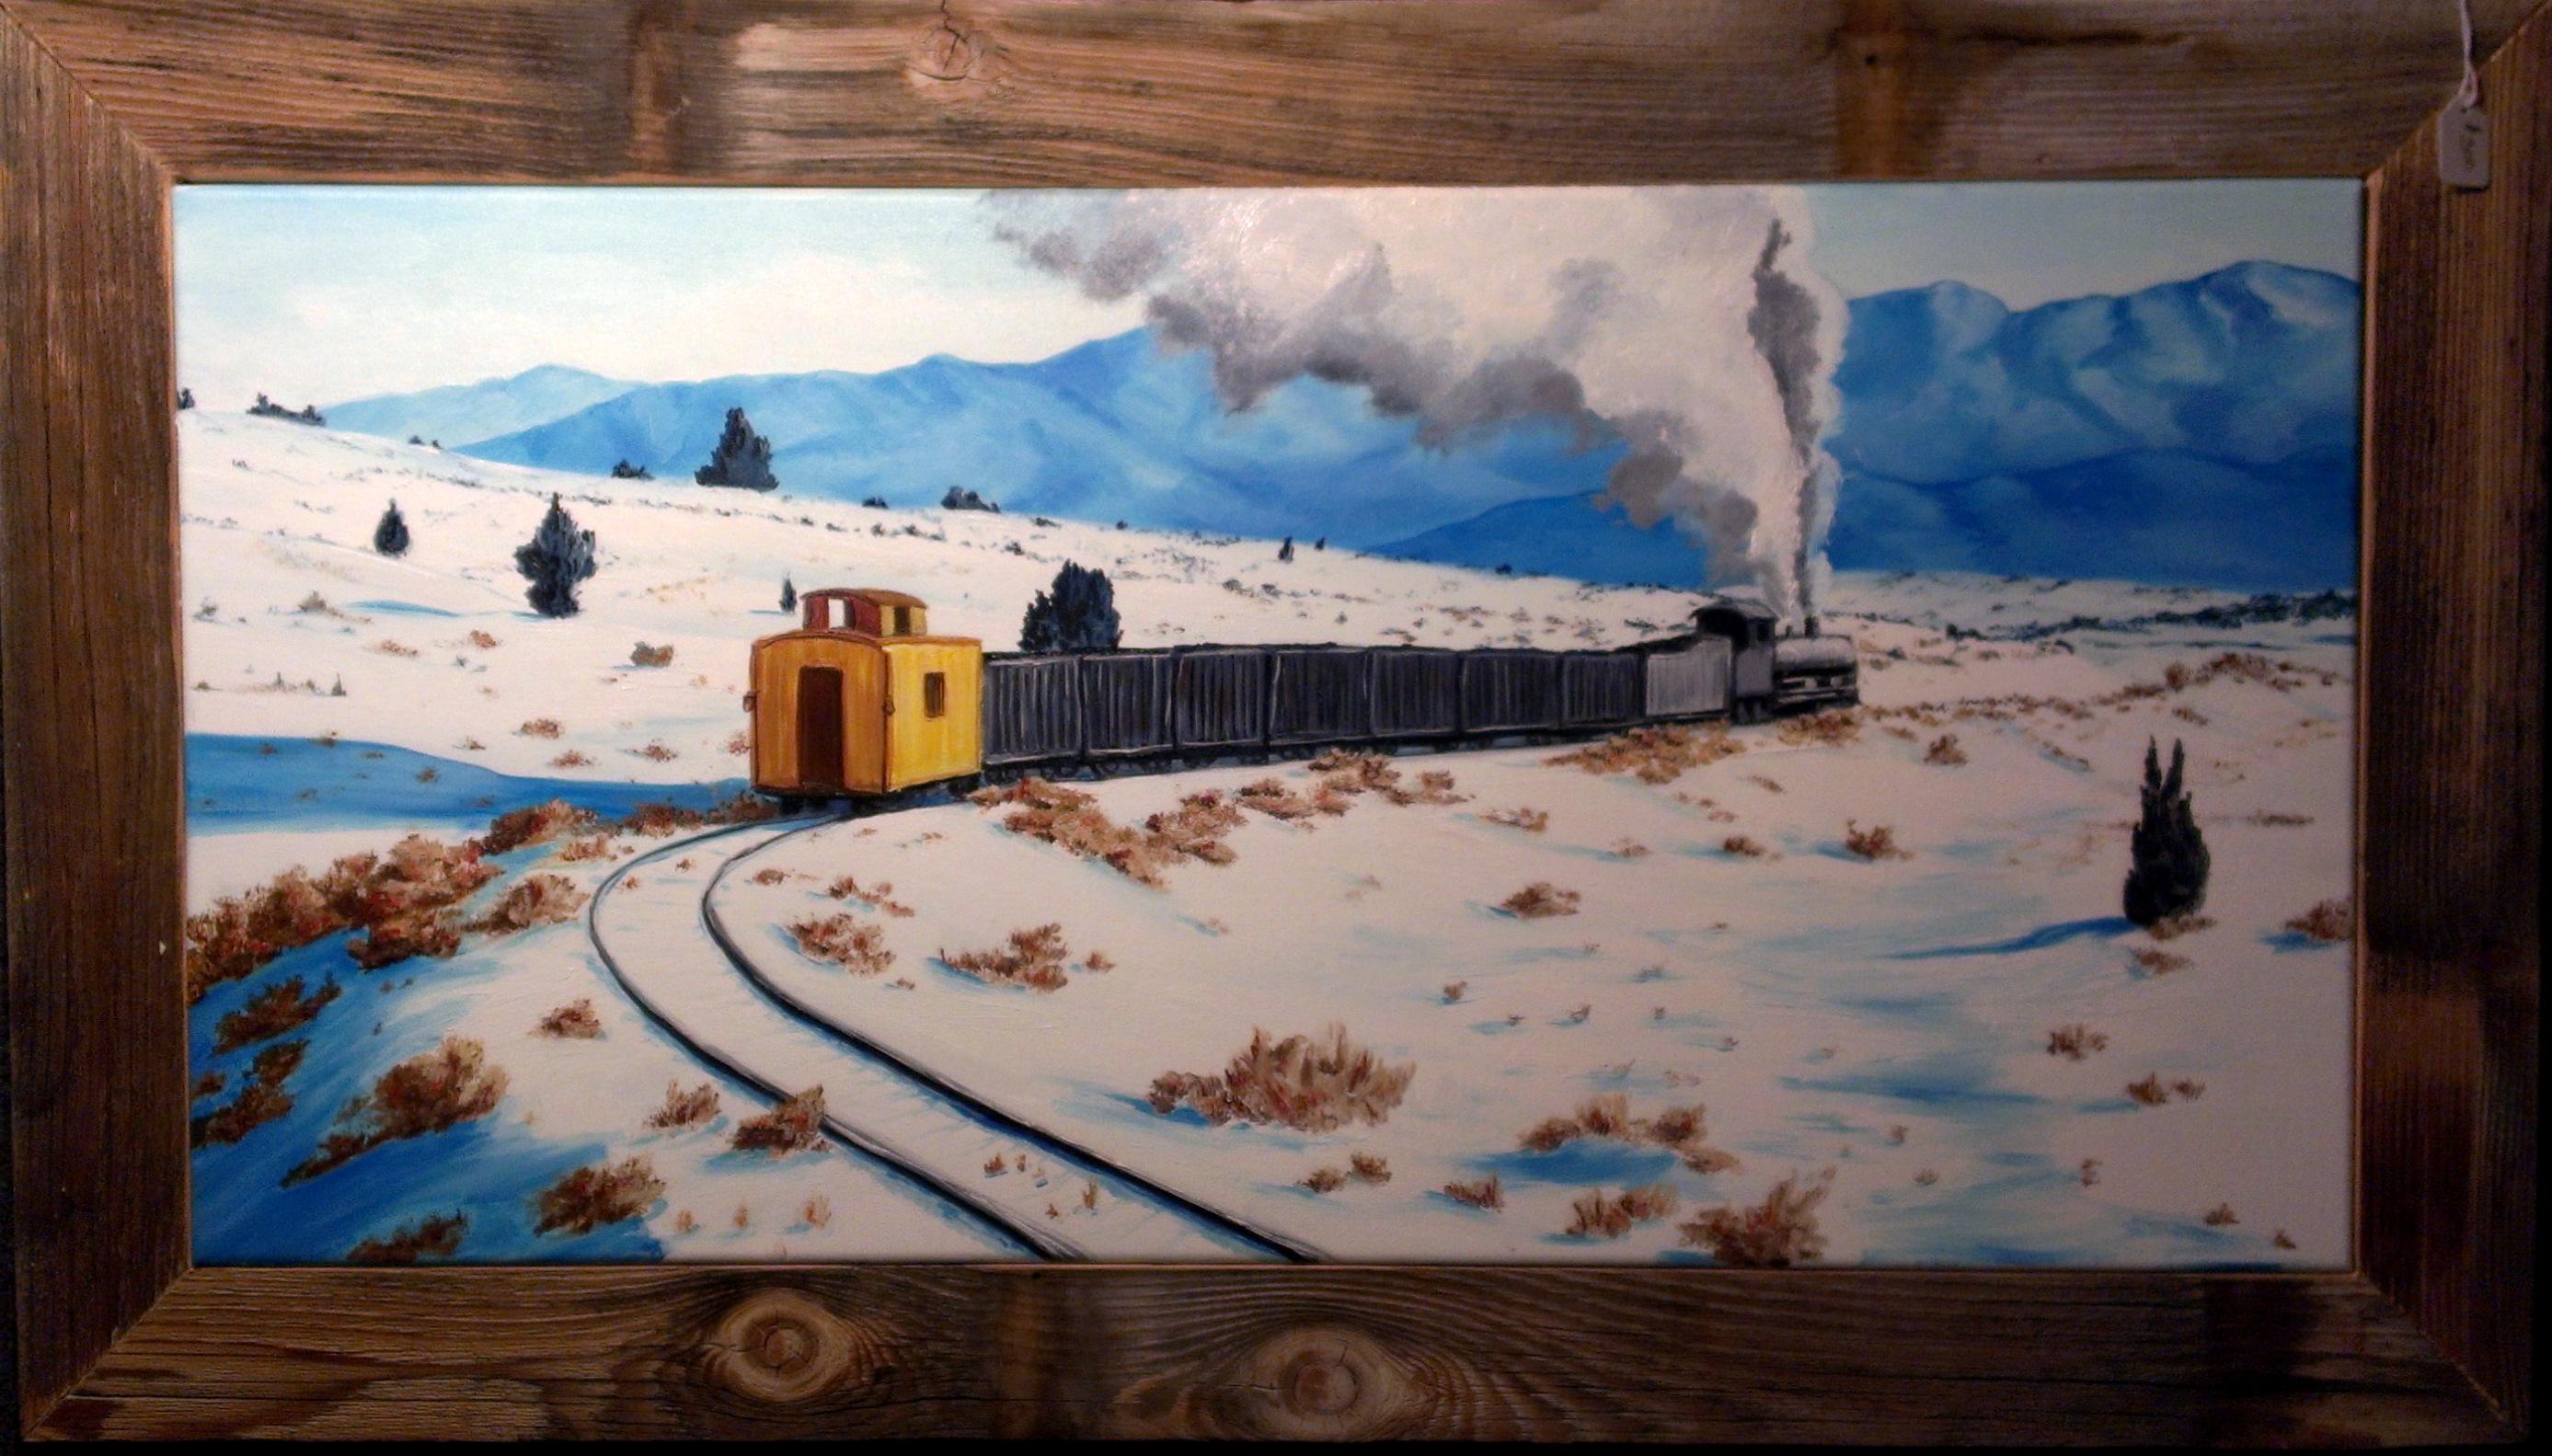 Ely Train